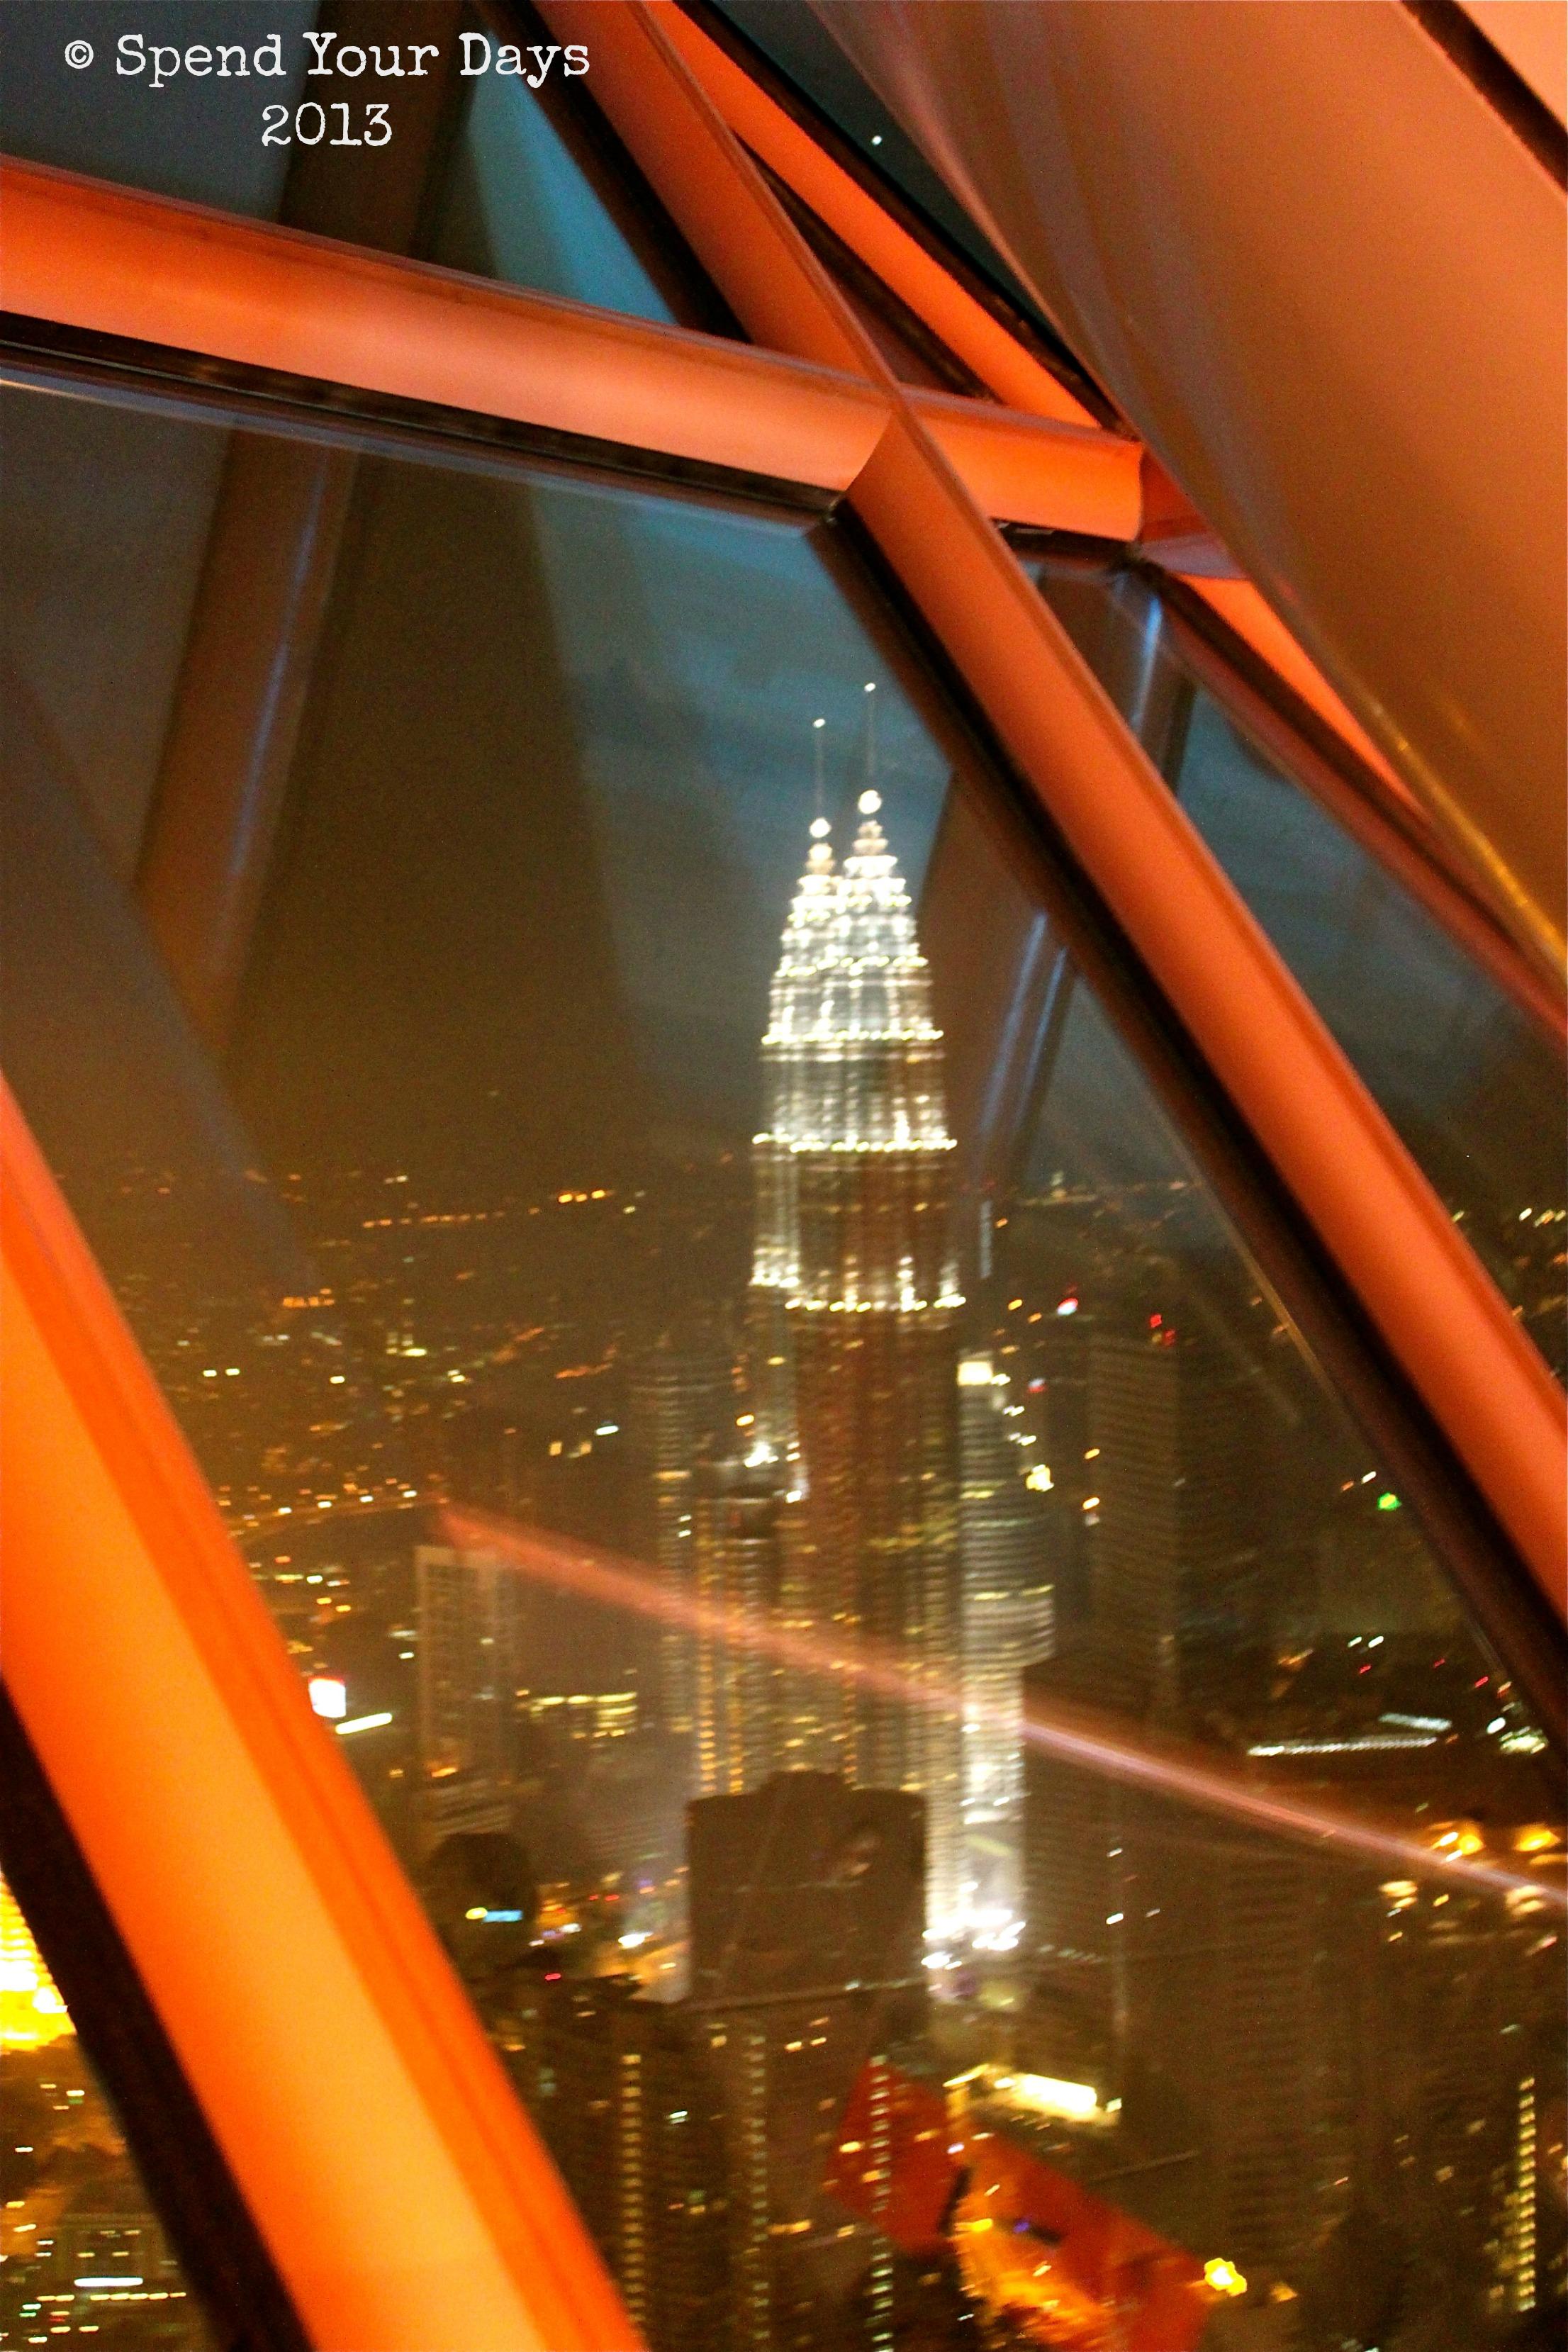 menara kl tower kuala lumpur malaysia